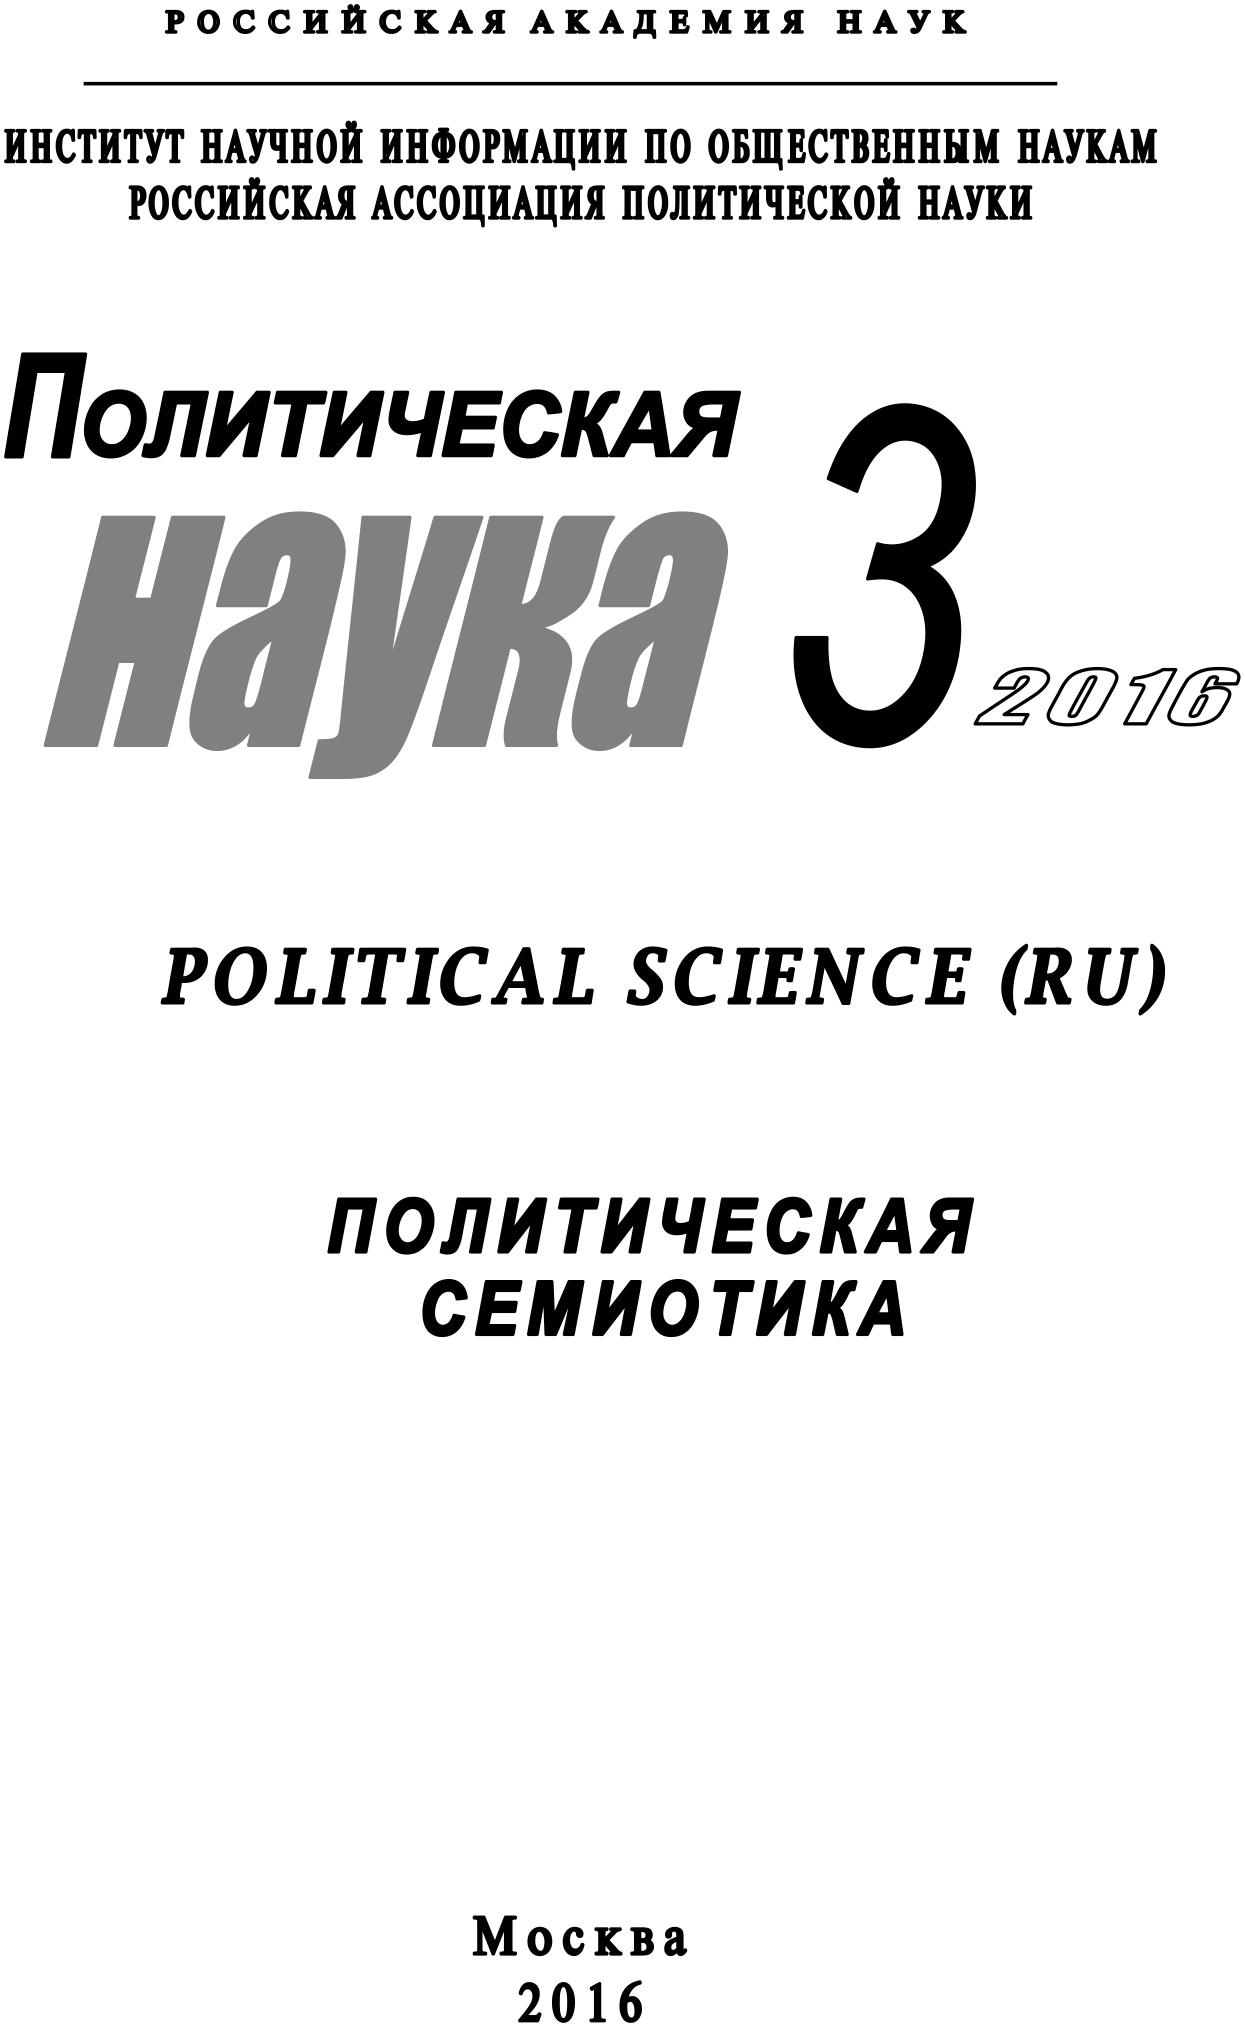 Коллектив авторов Политическая наука №3 / 2016. Политическая семиотика коллектив авторов политическая наука 4 2017 субнациональное измерение политики